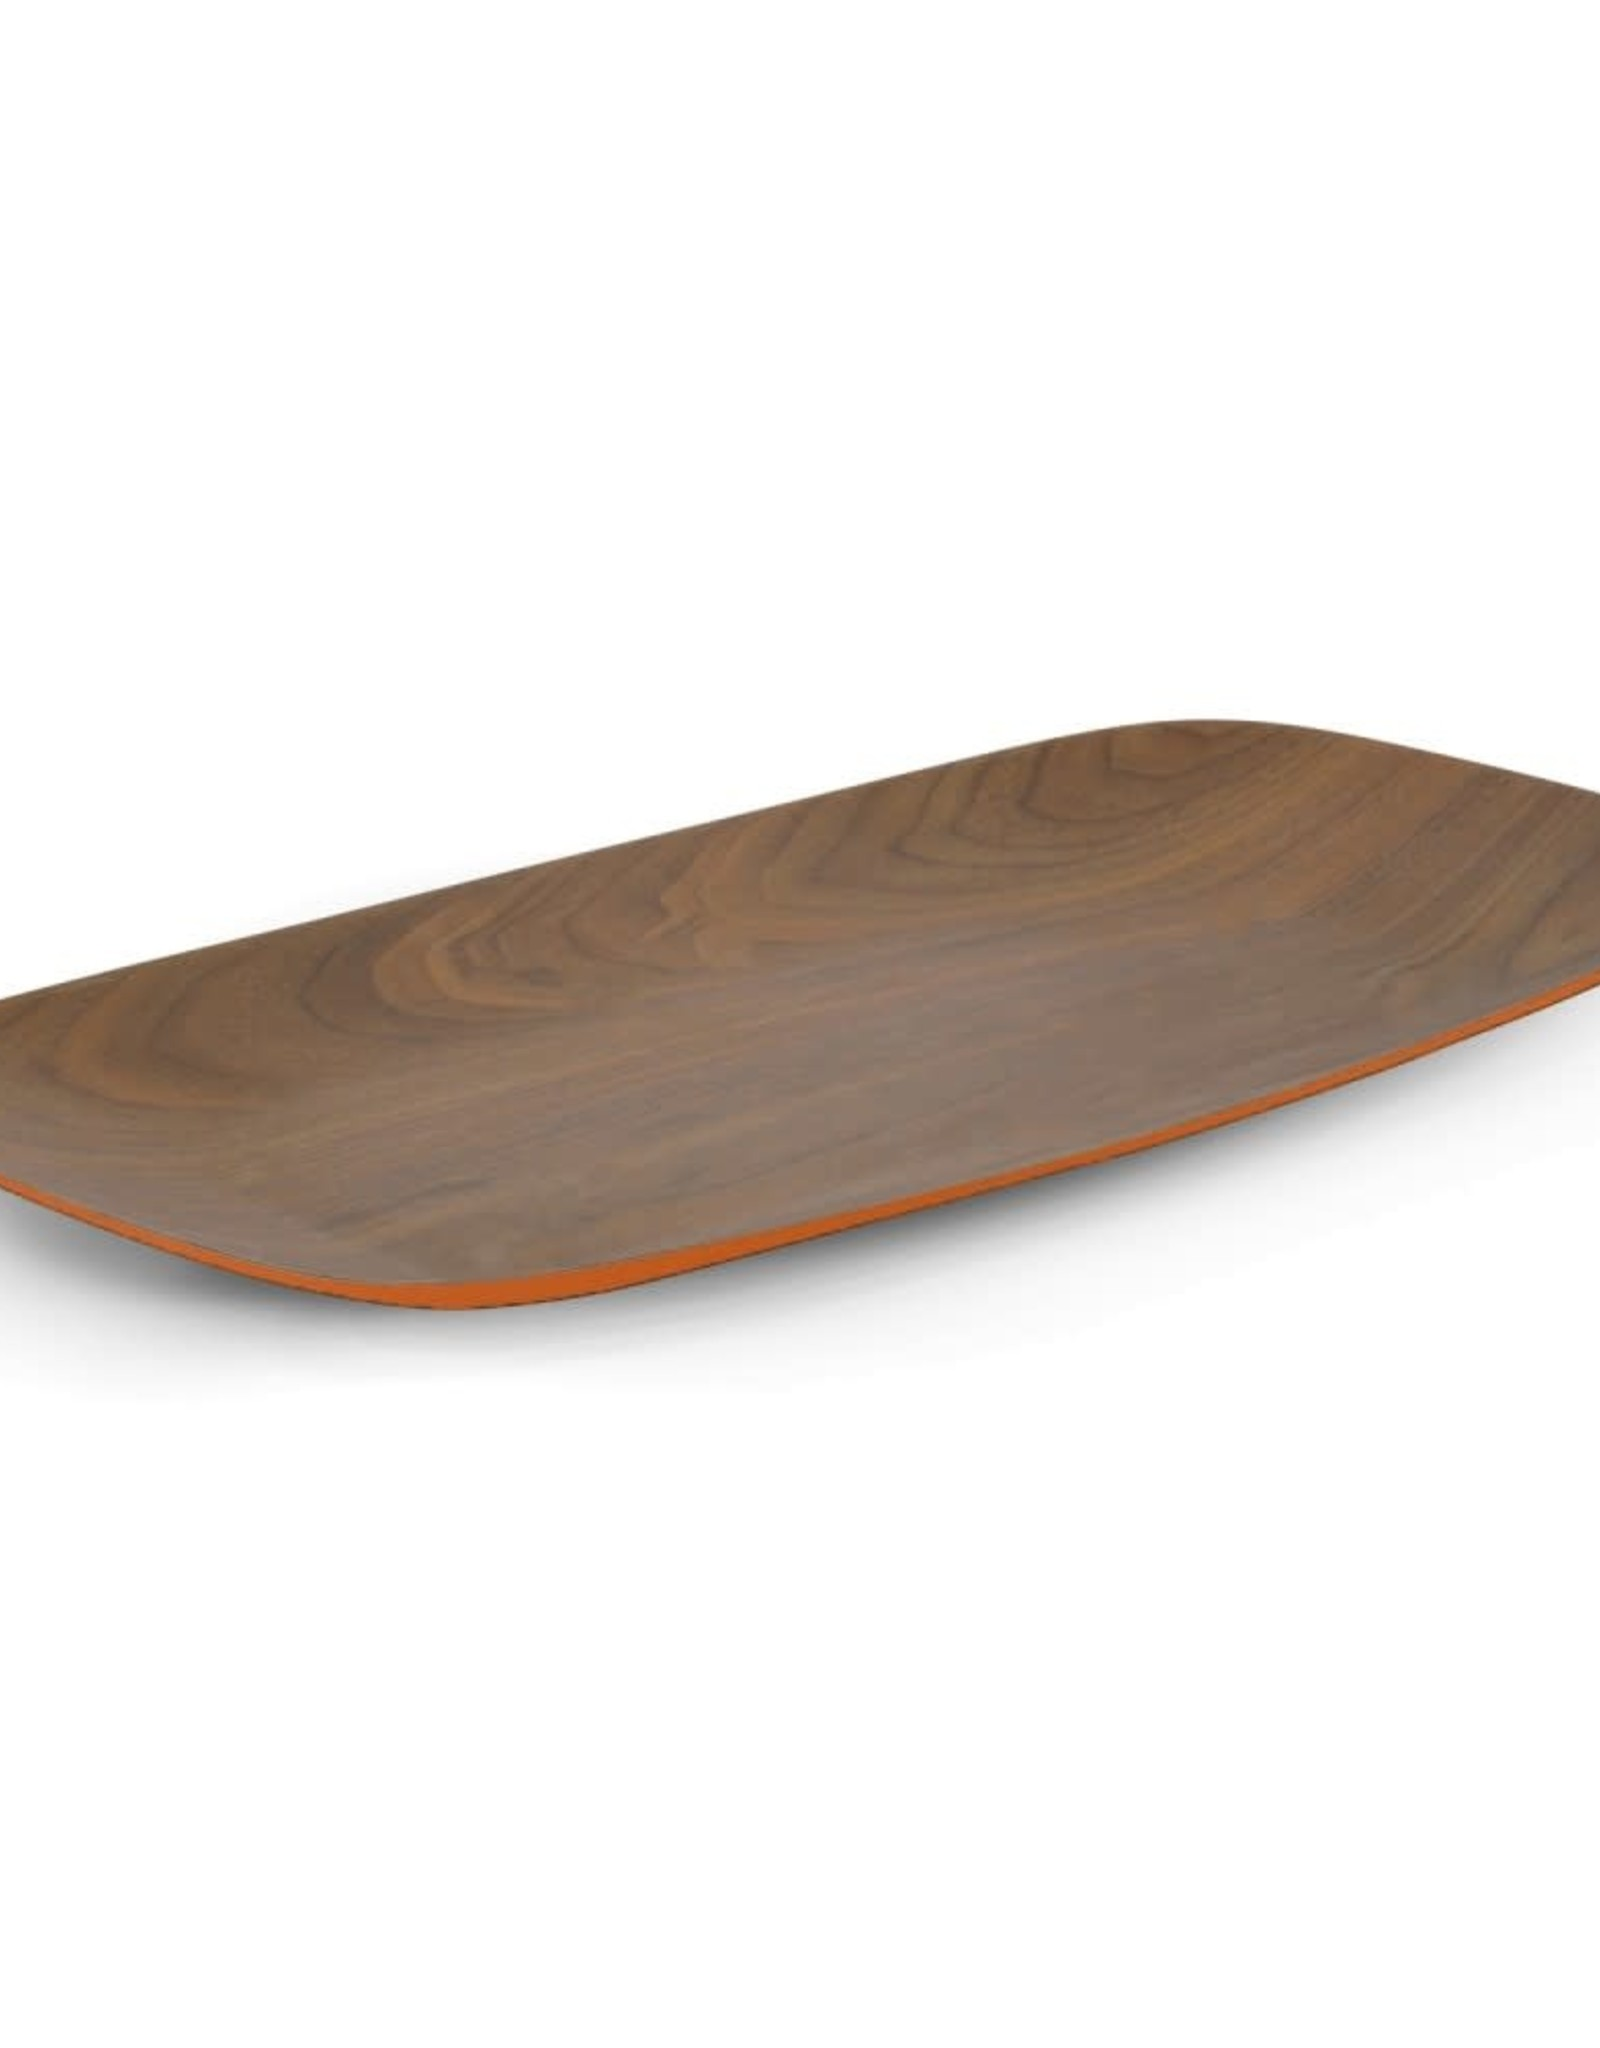 35.4 cm x 20.5 cm Bamboo Platter